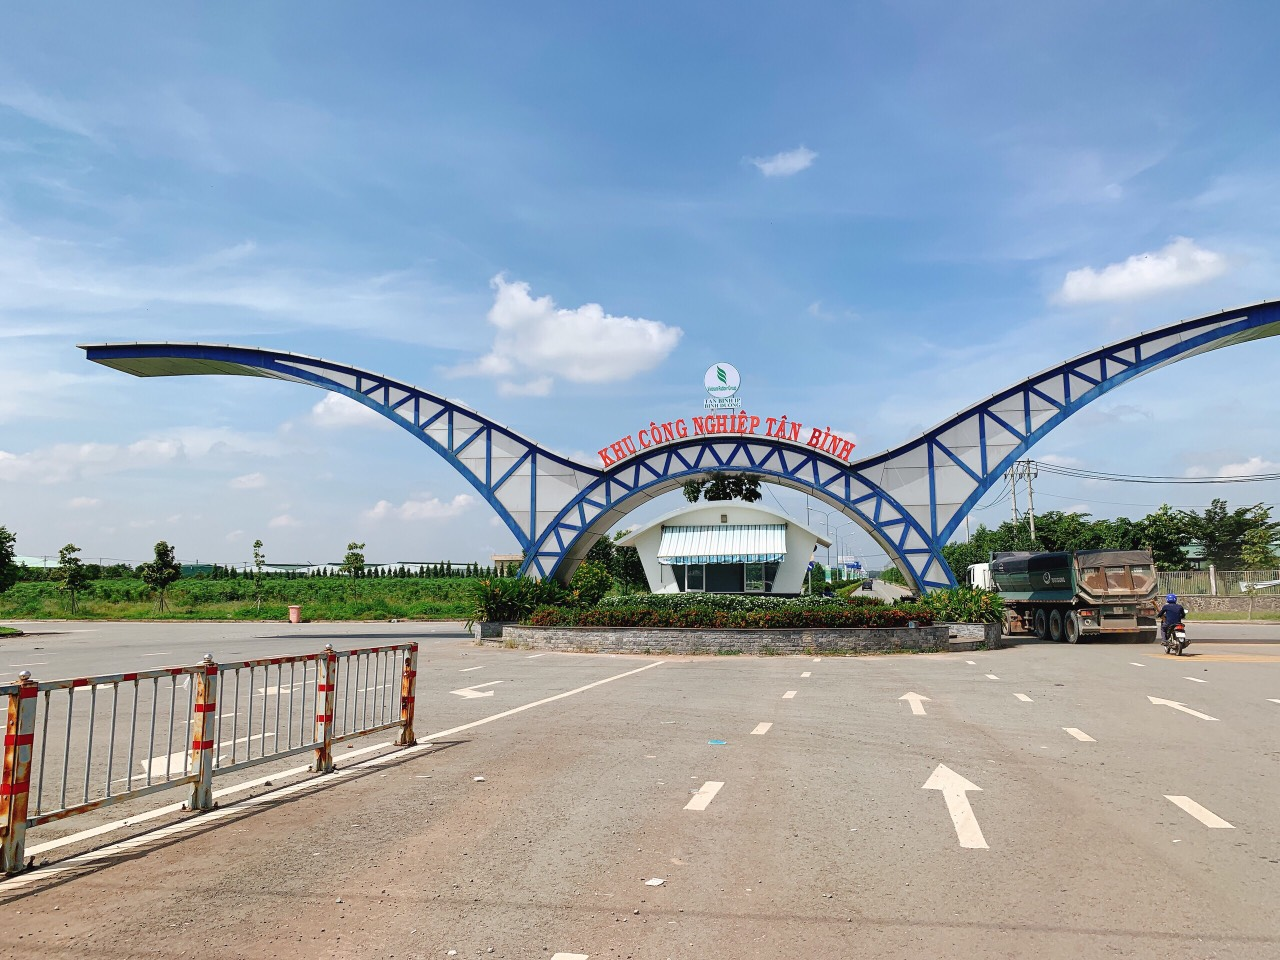 Đường đi Khu công nghiệp Tân Bình đang thu hút nhà đầu tư